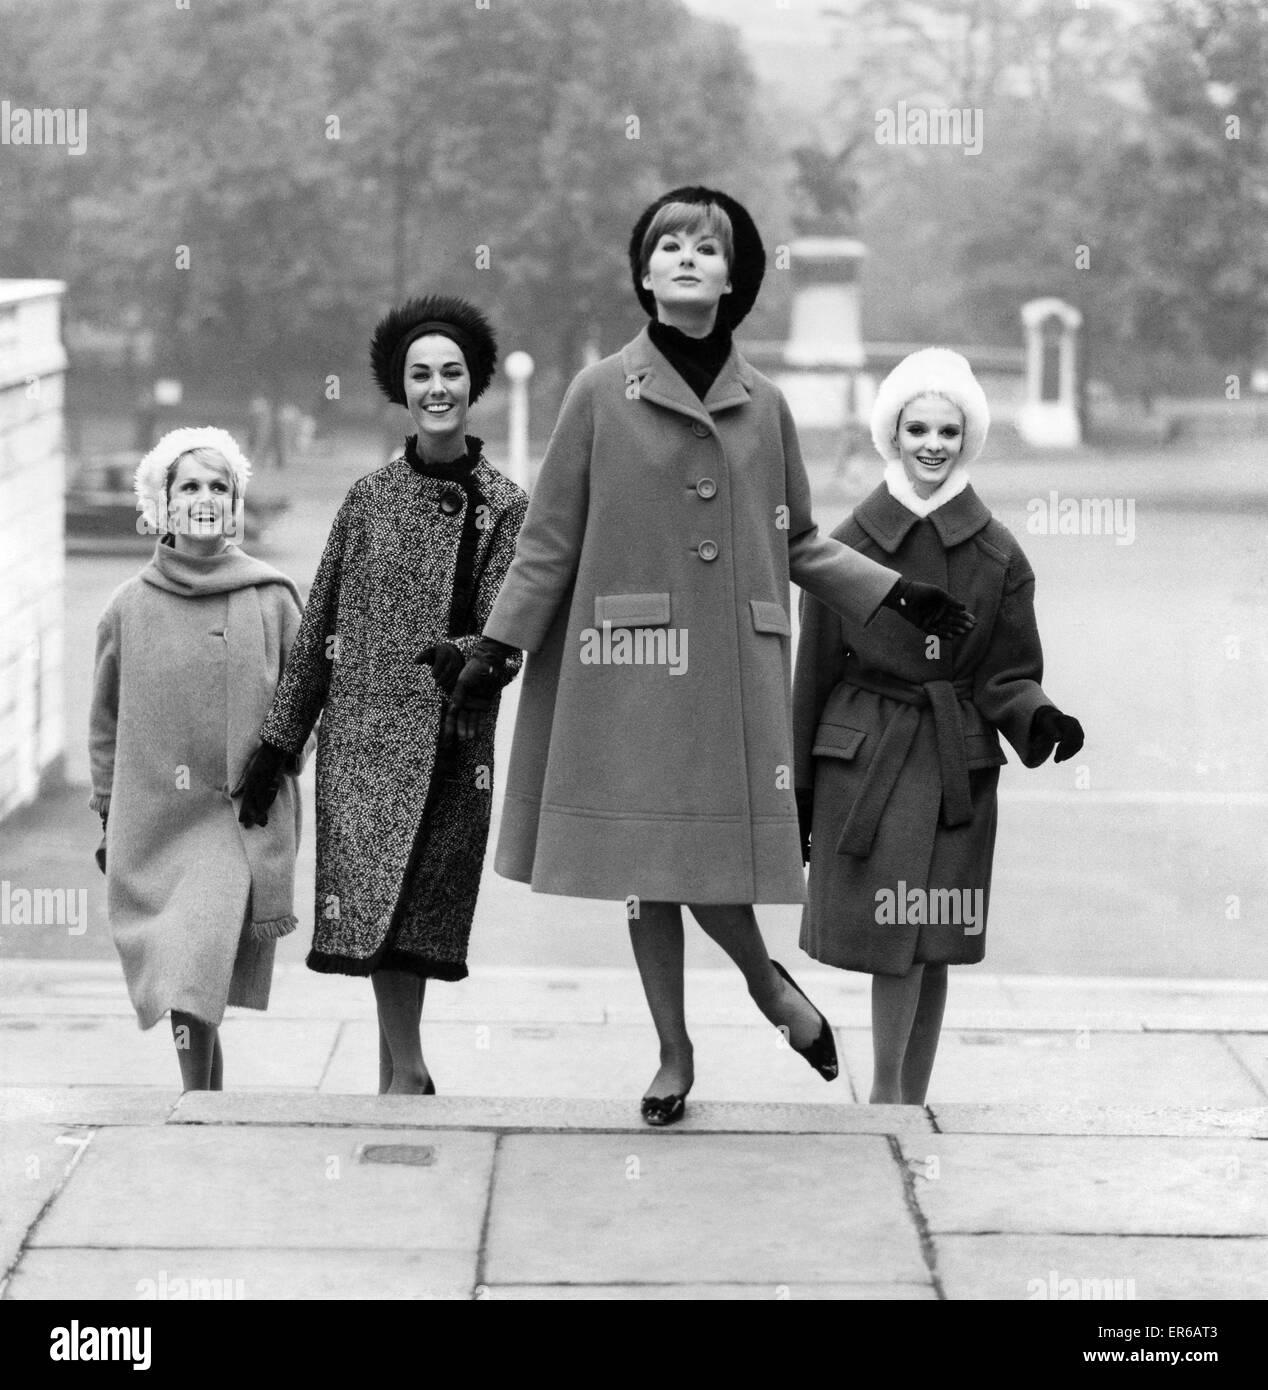 Clothing Fashion 1961. September 1961 P021504 Stock Photo - Alamy